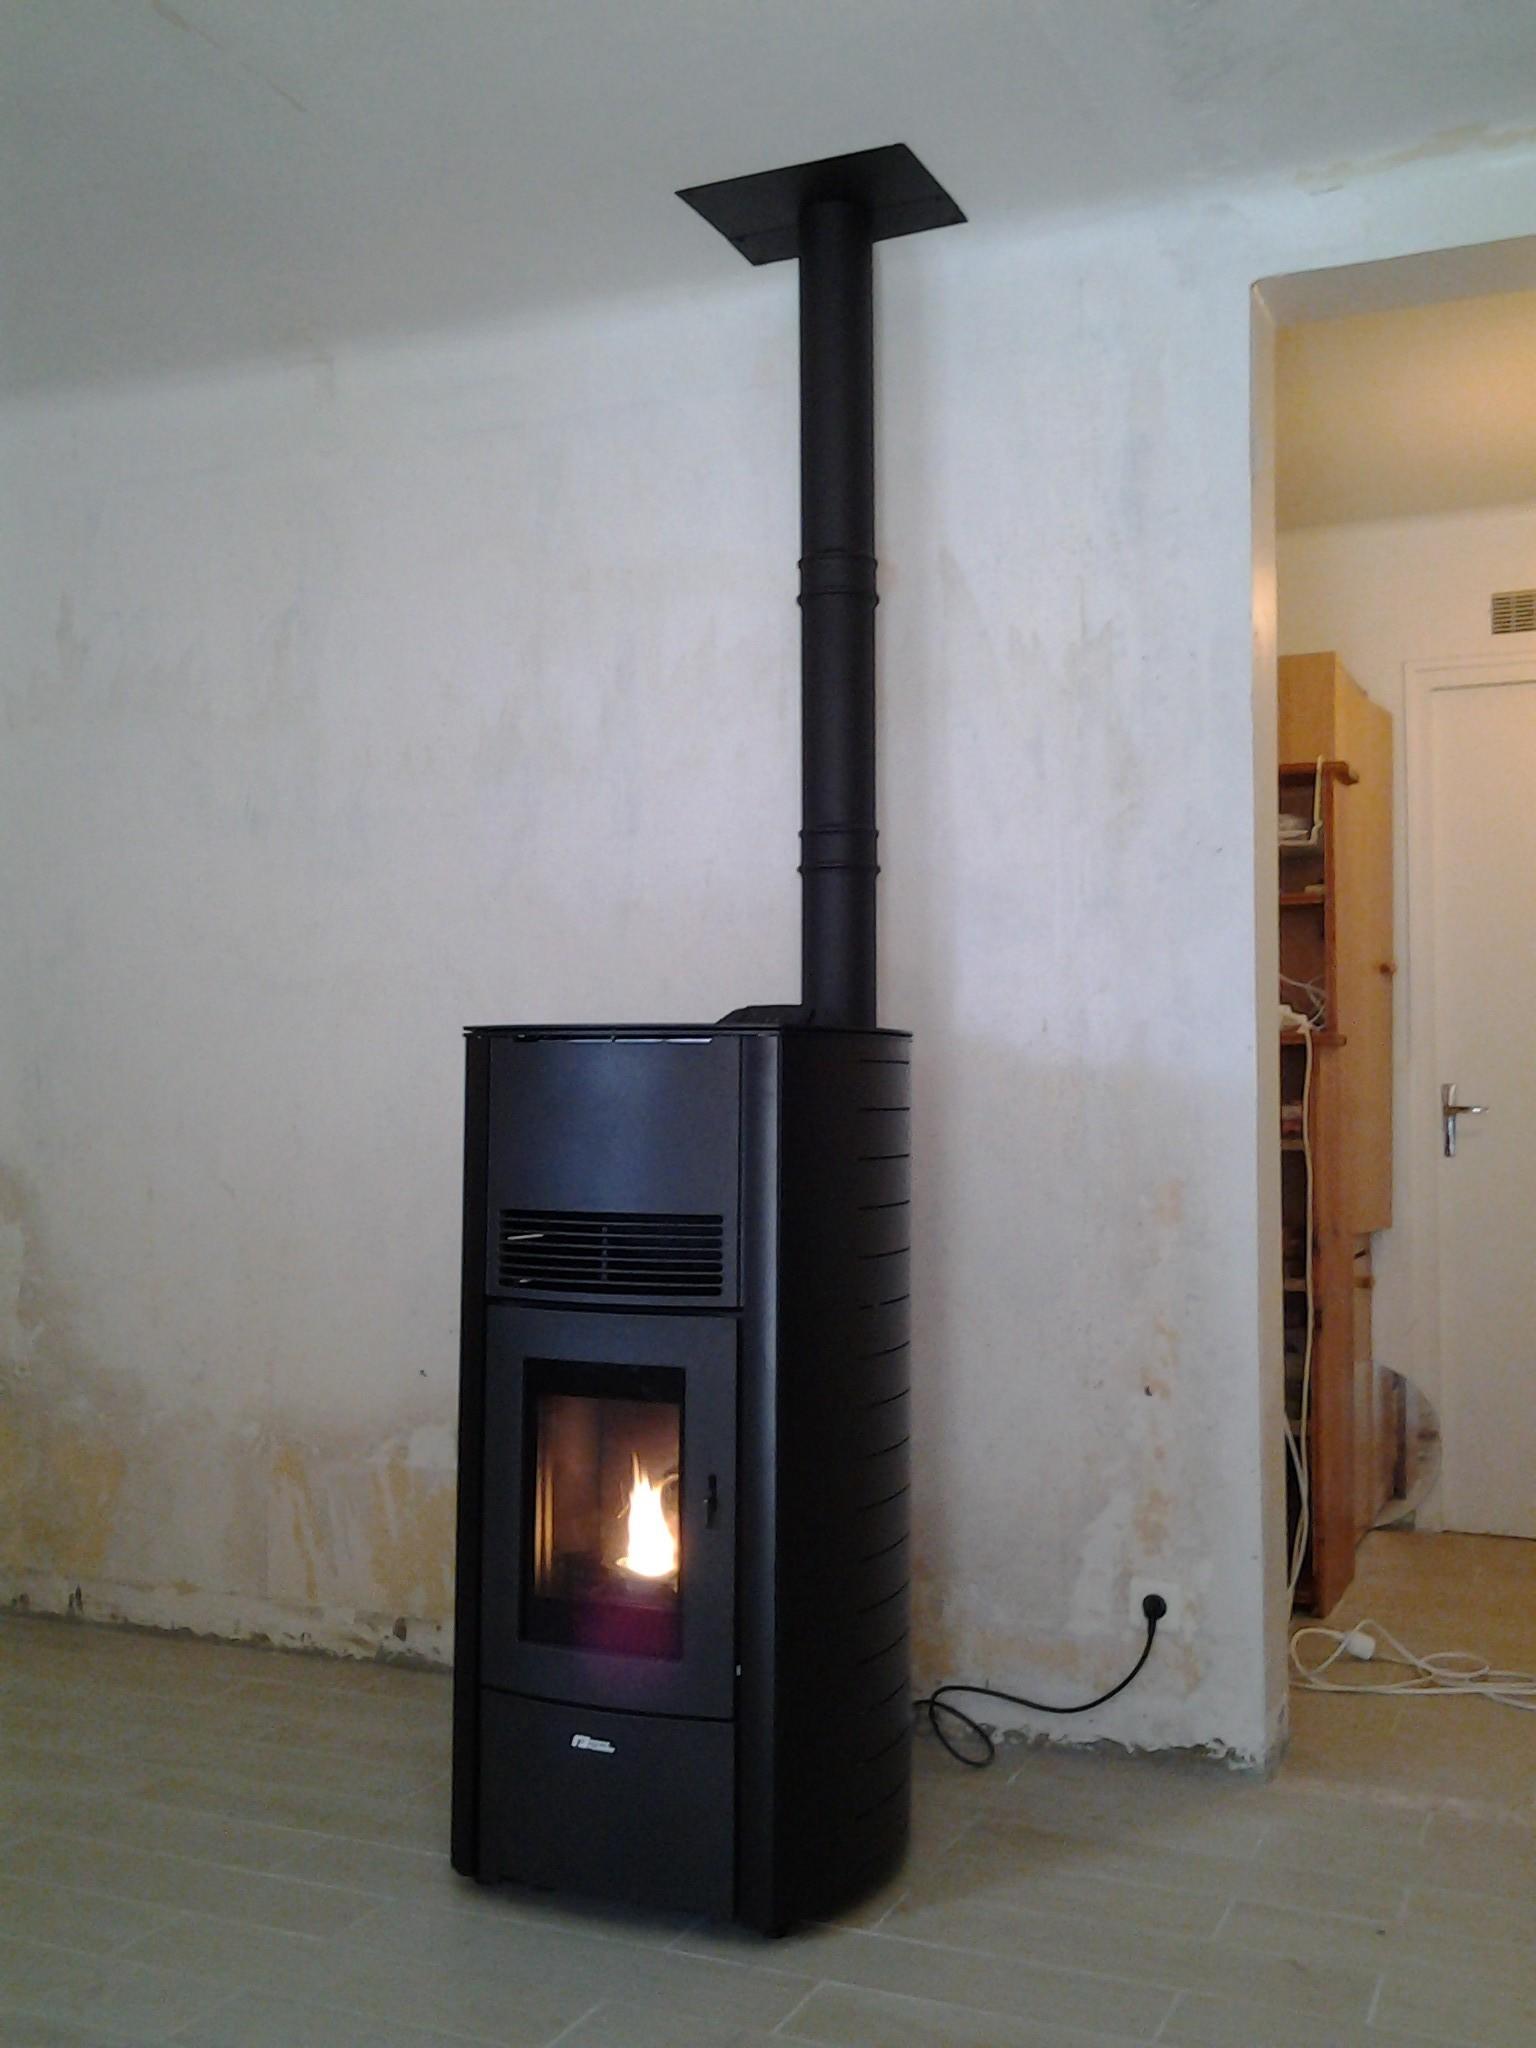 poele fonte flamme alti energies naturels. Black Bedroom Furniture Sets. Home Design Ideas